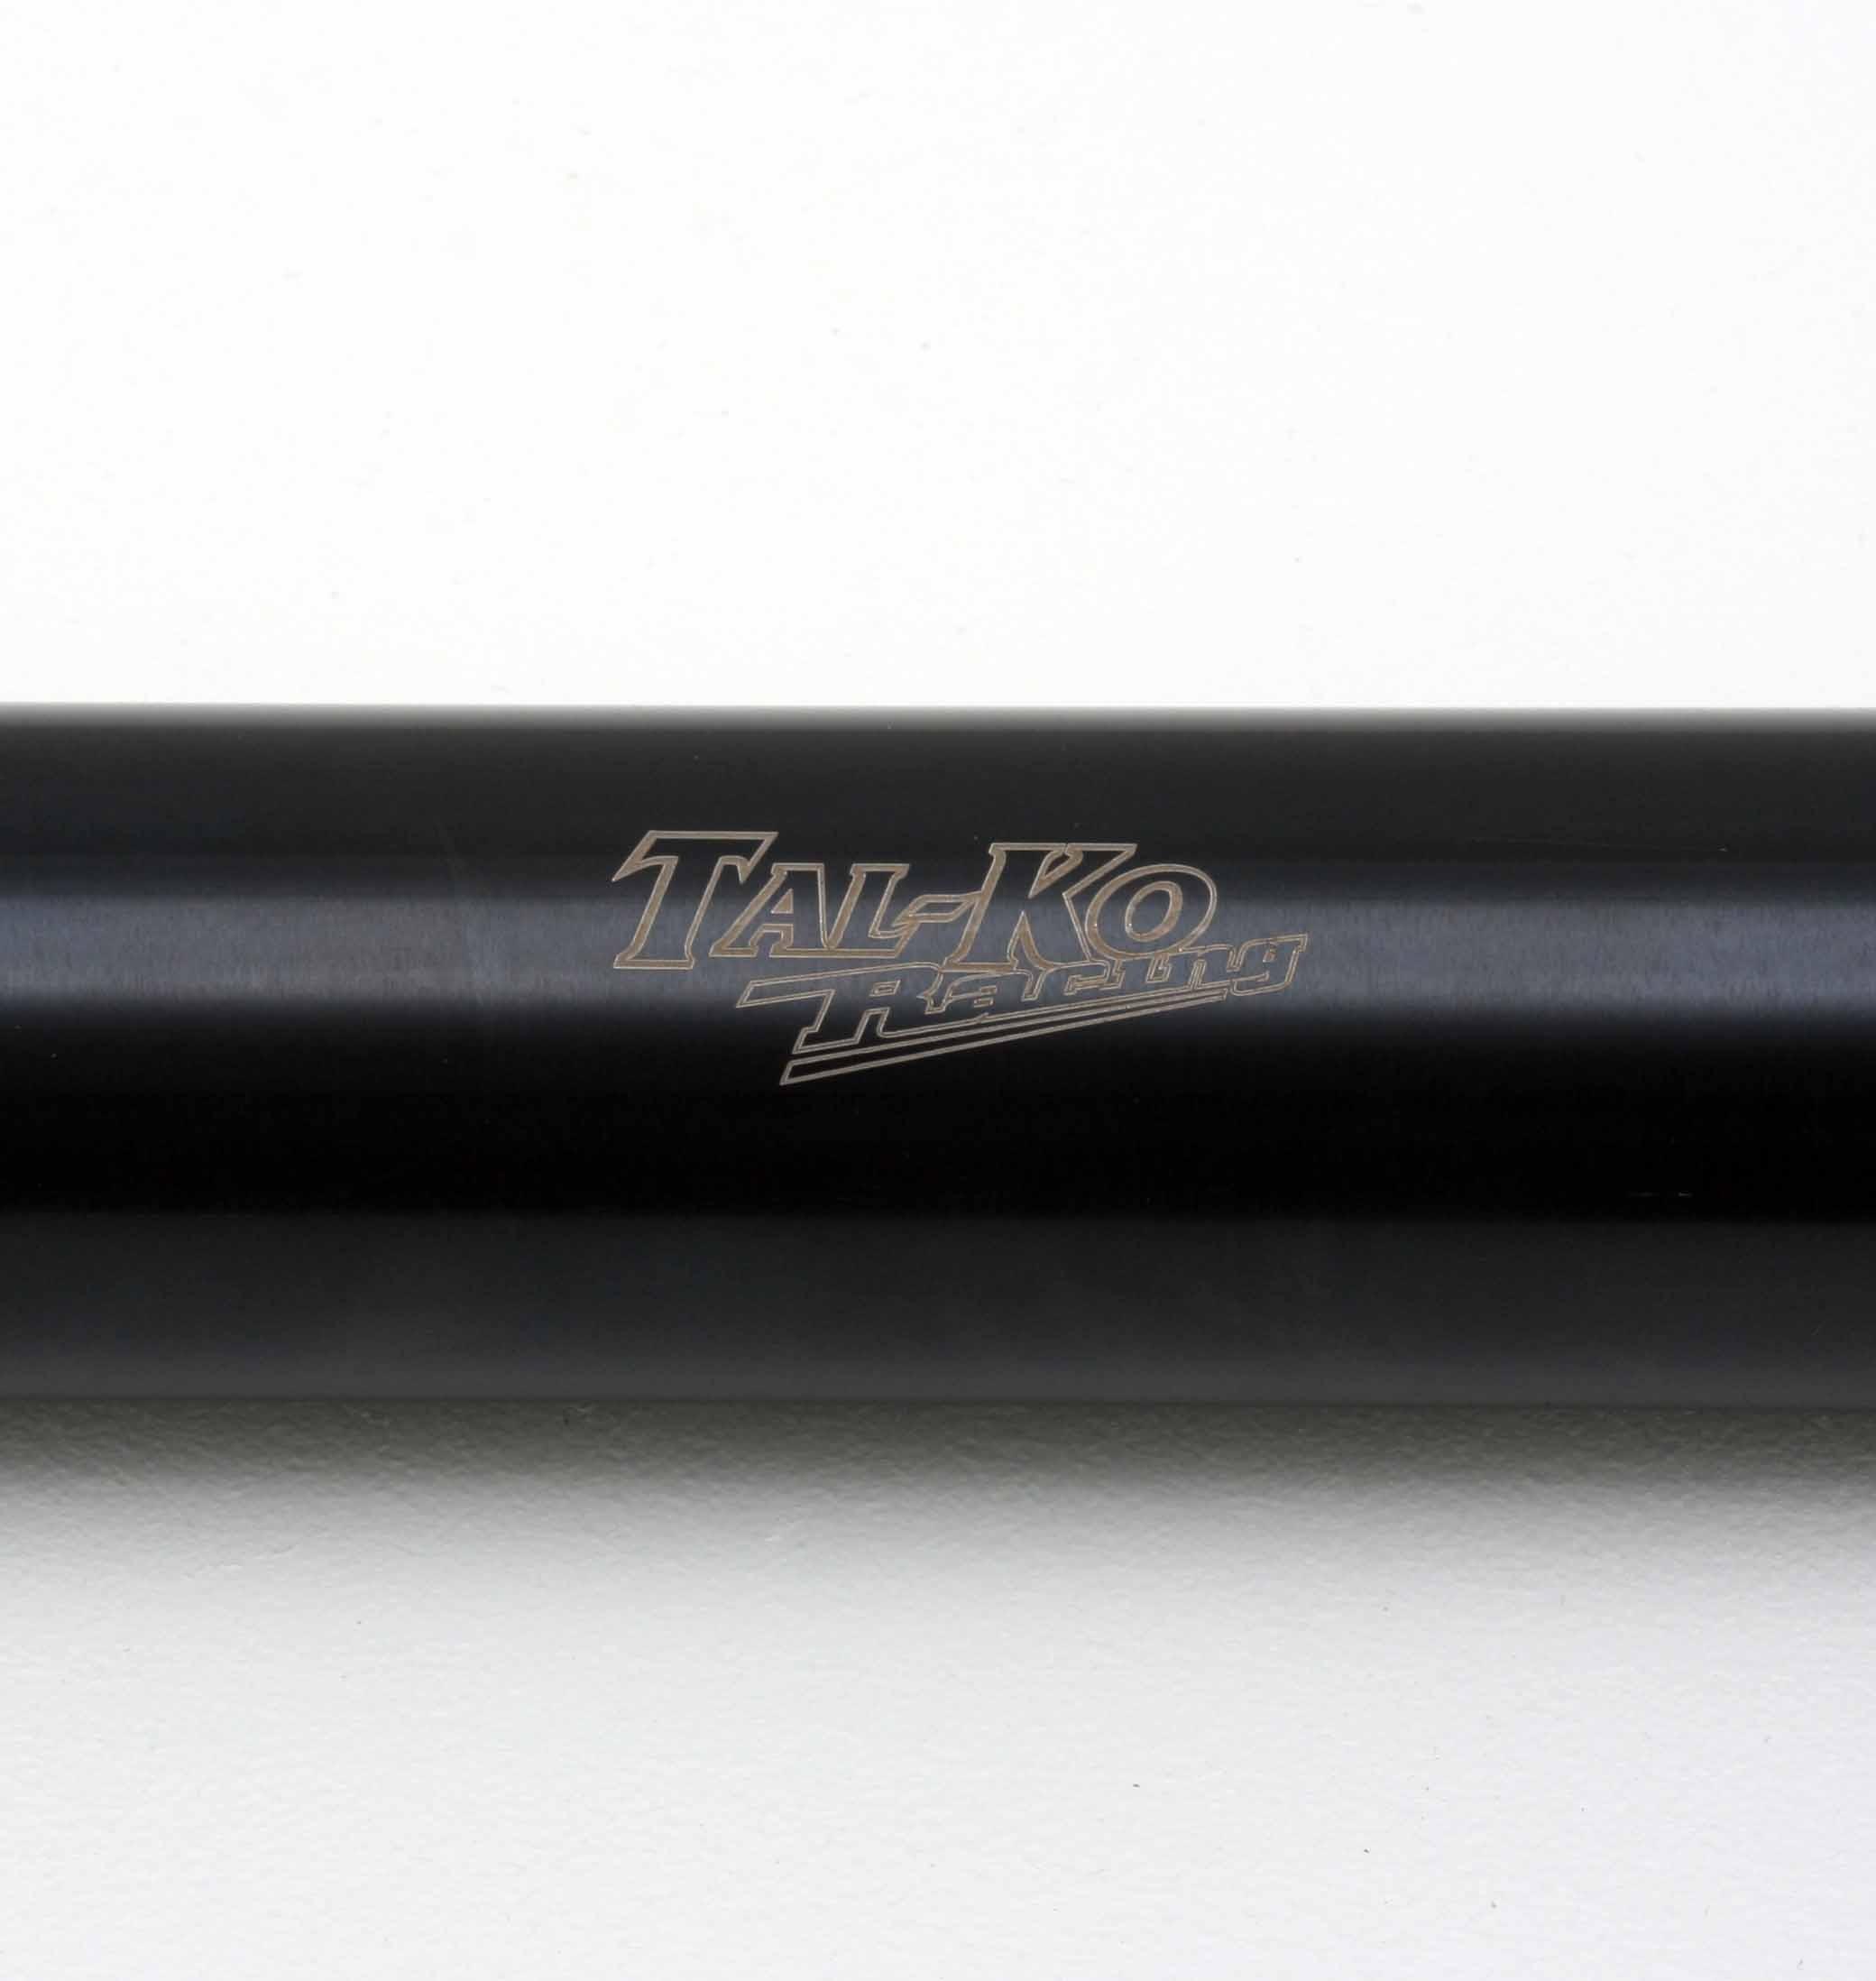 TAL-KO REAR AXLE 50MM x 102 VS BLACK